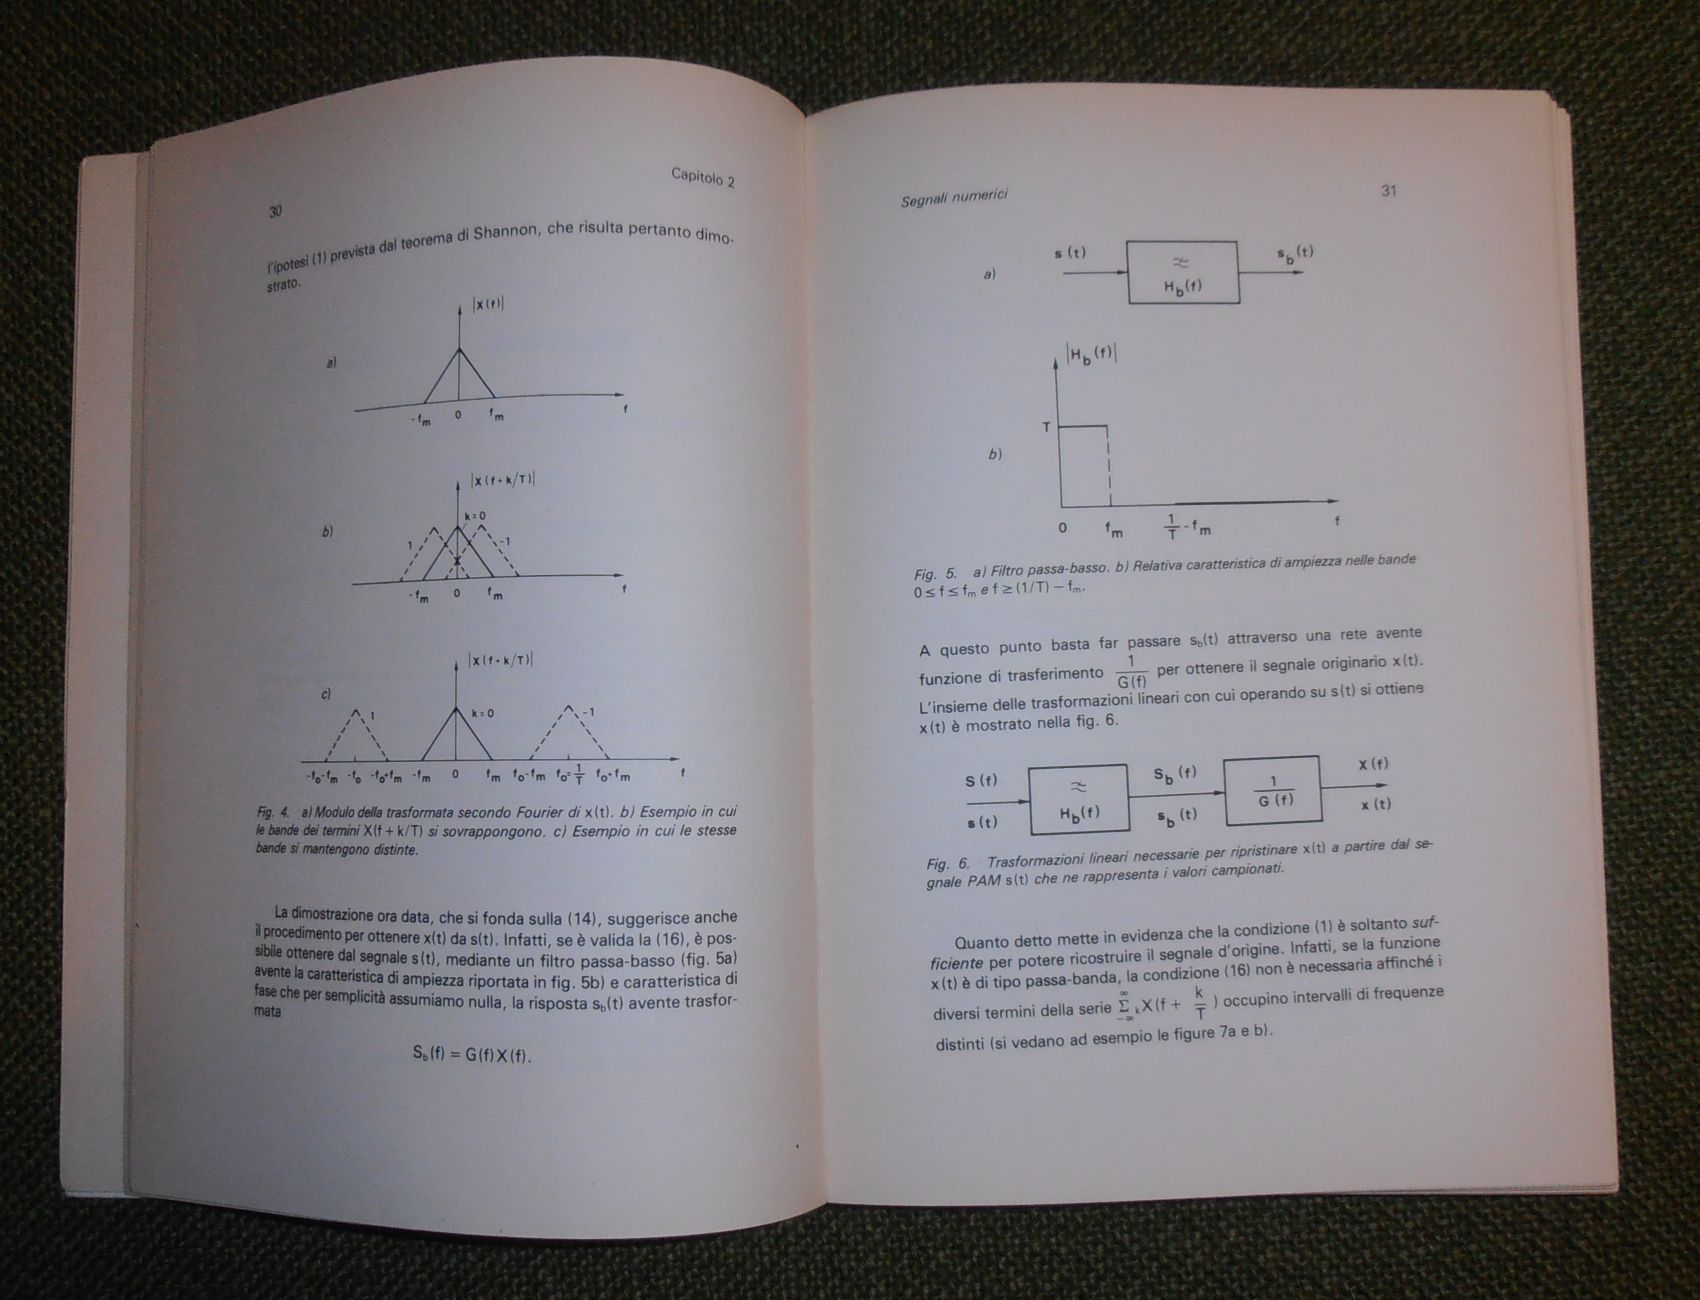 Sistemi di modulazione per trasmissioni numeriche